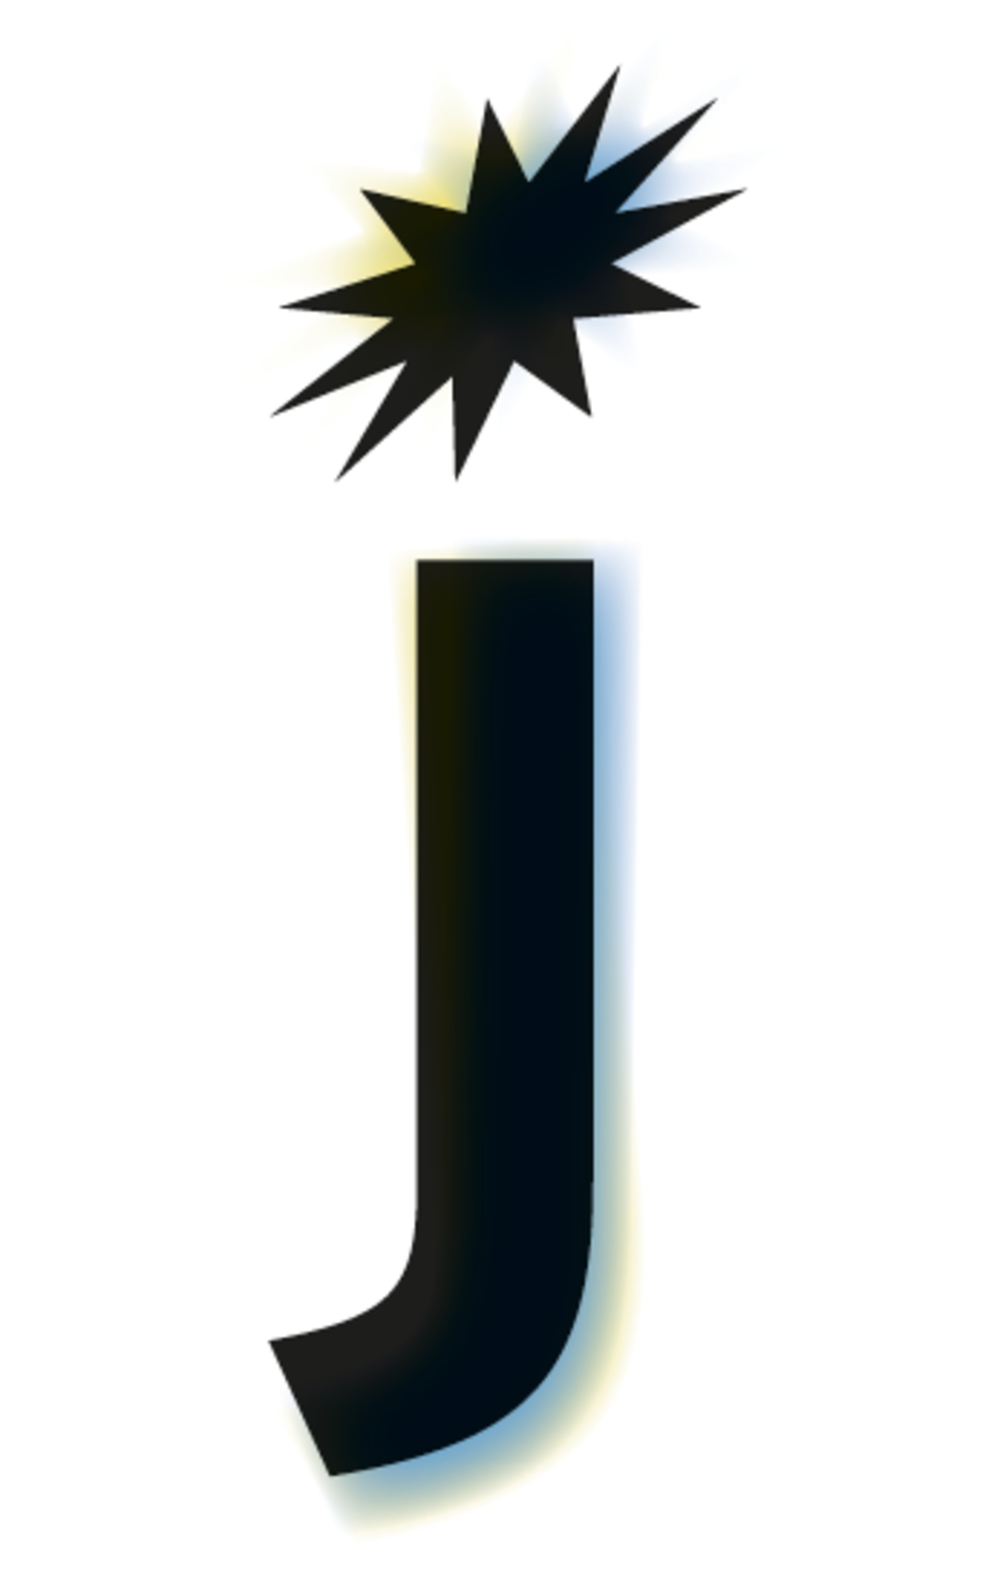 JONGE HONDEN - C-ROOTS #logo#jonge honden#design